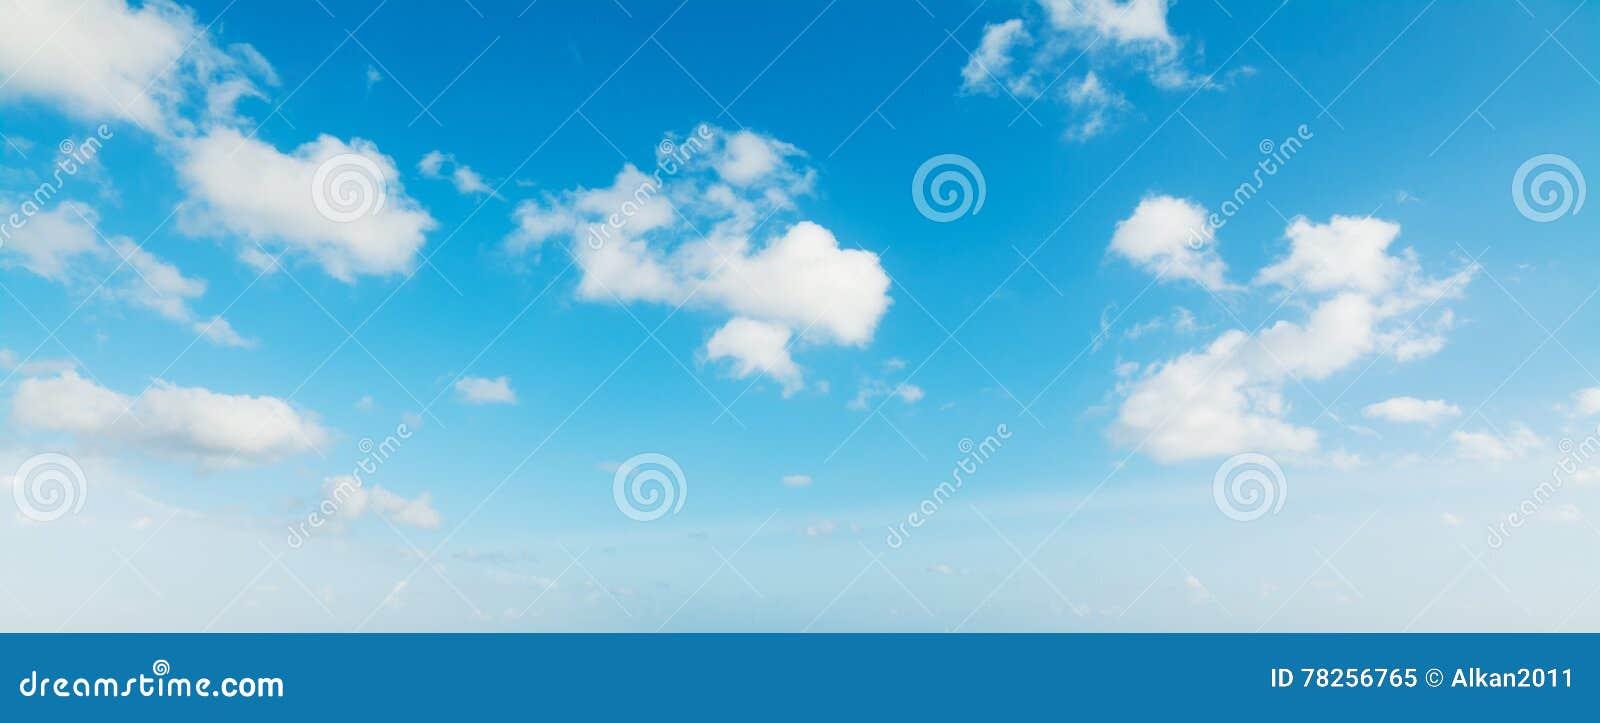 λευκό ουρανού σύννεφων